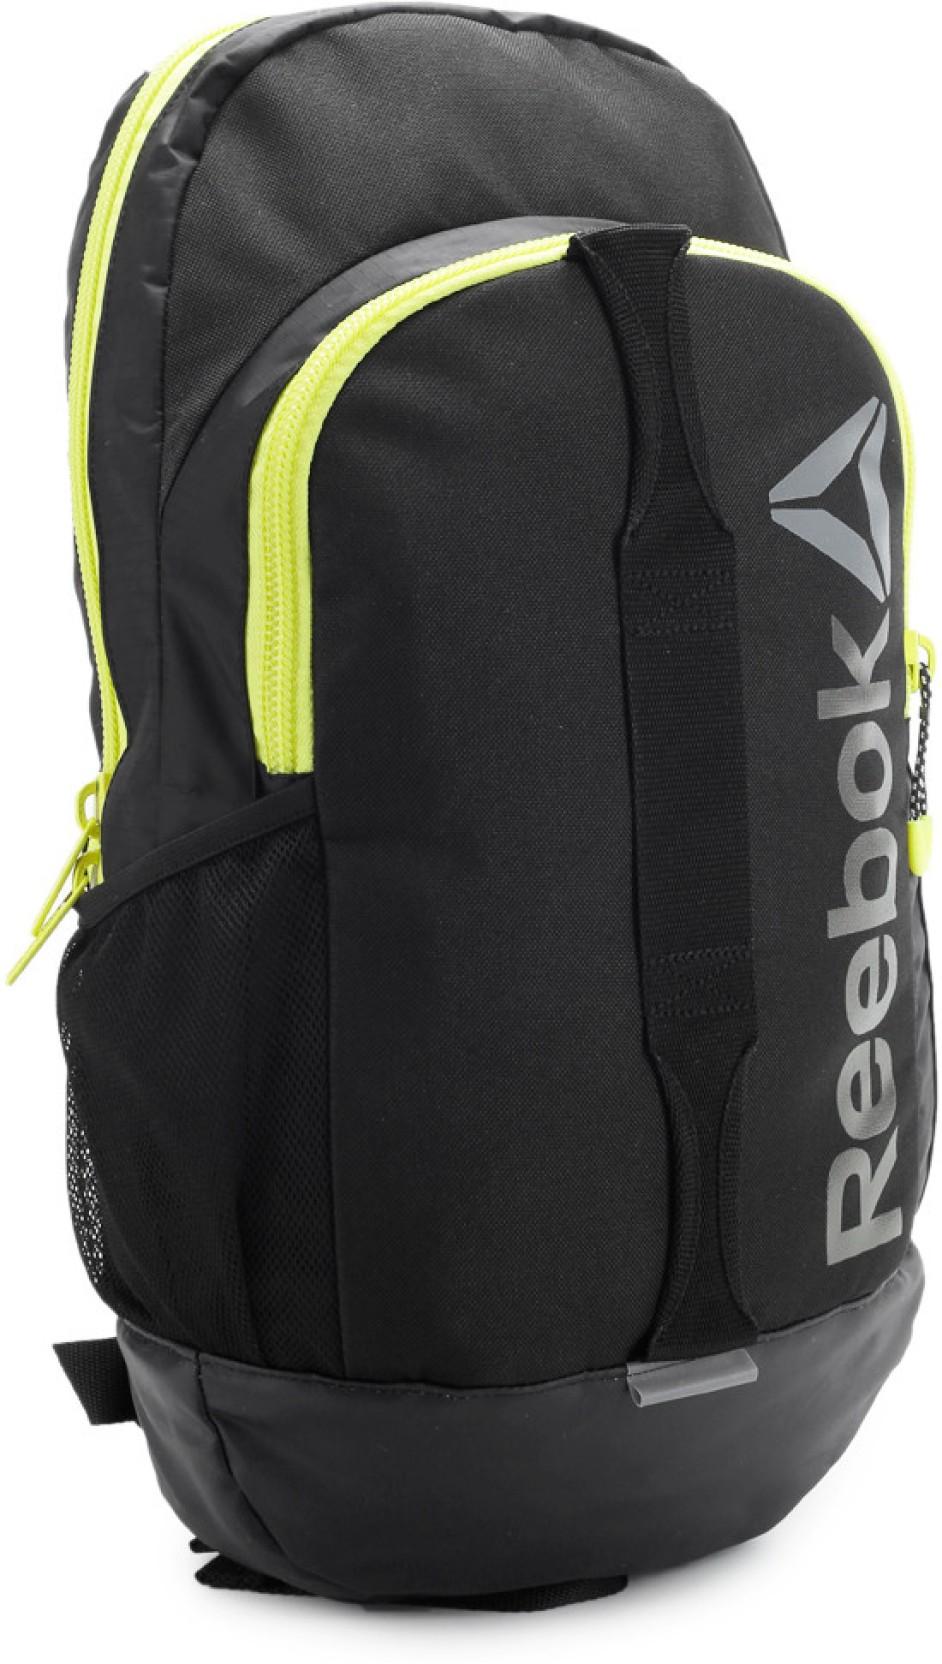 Reebok Black Backpack - Buy Reebok Black Backpack Online ...  |Reebok Backpack